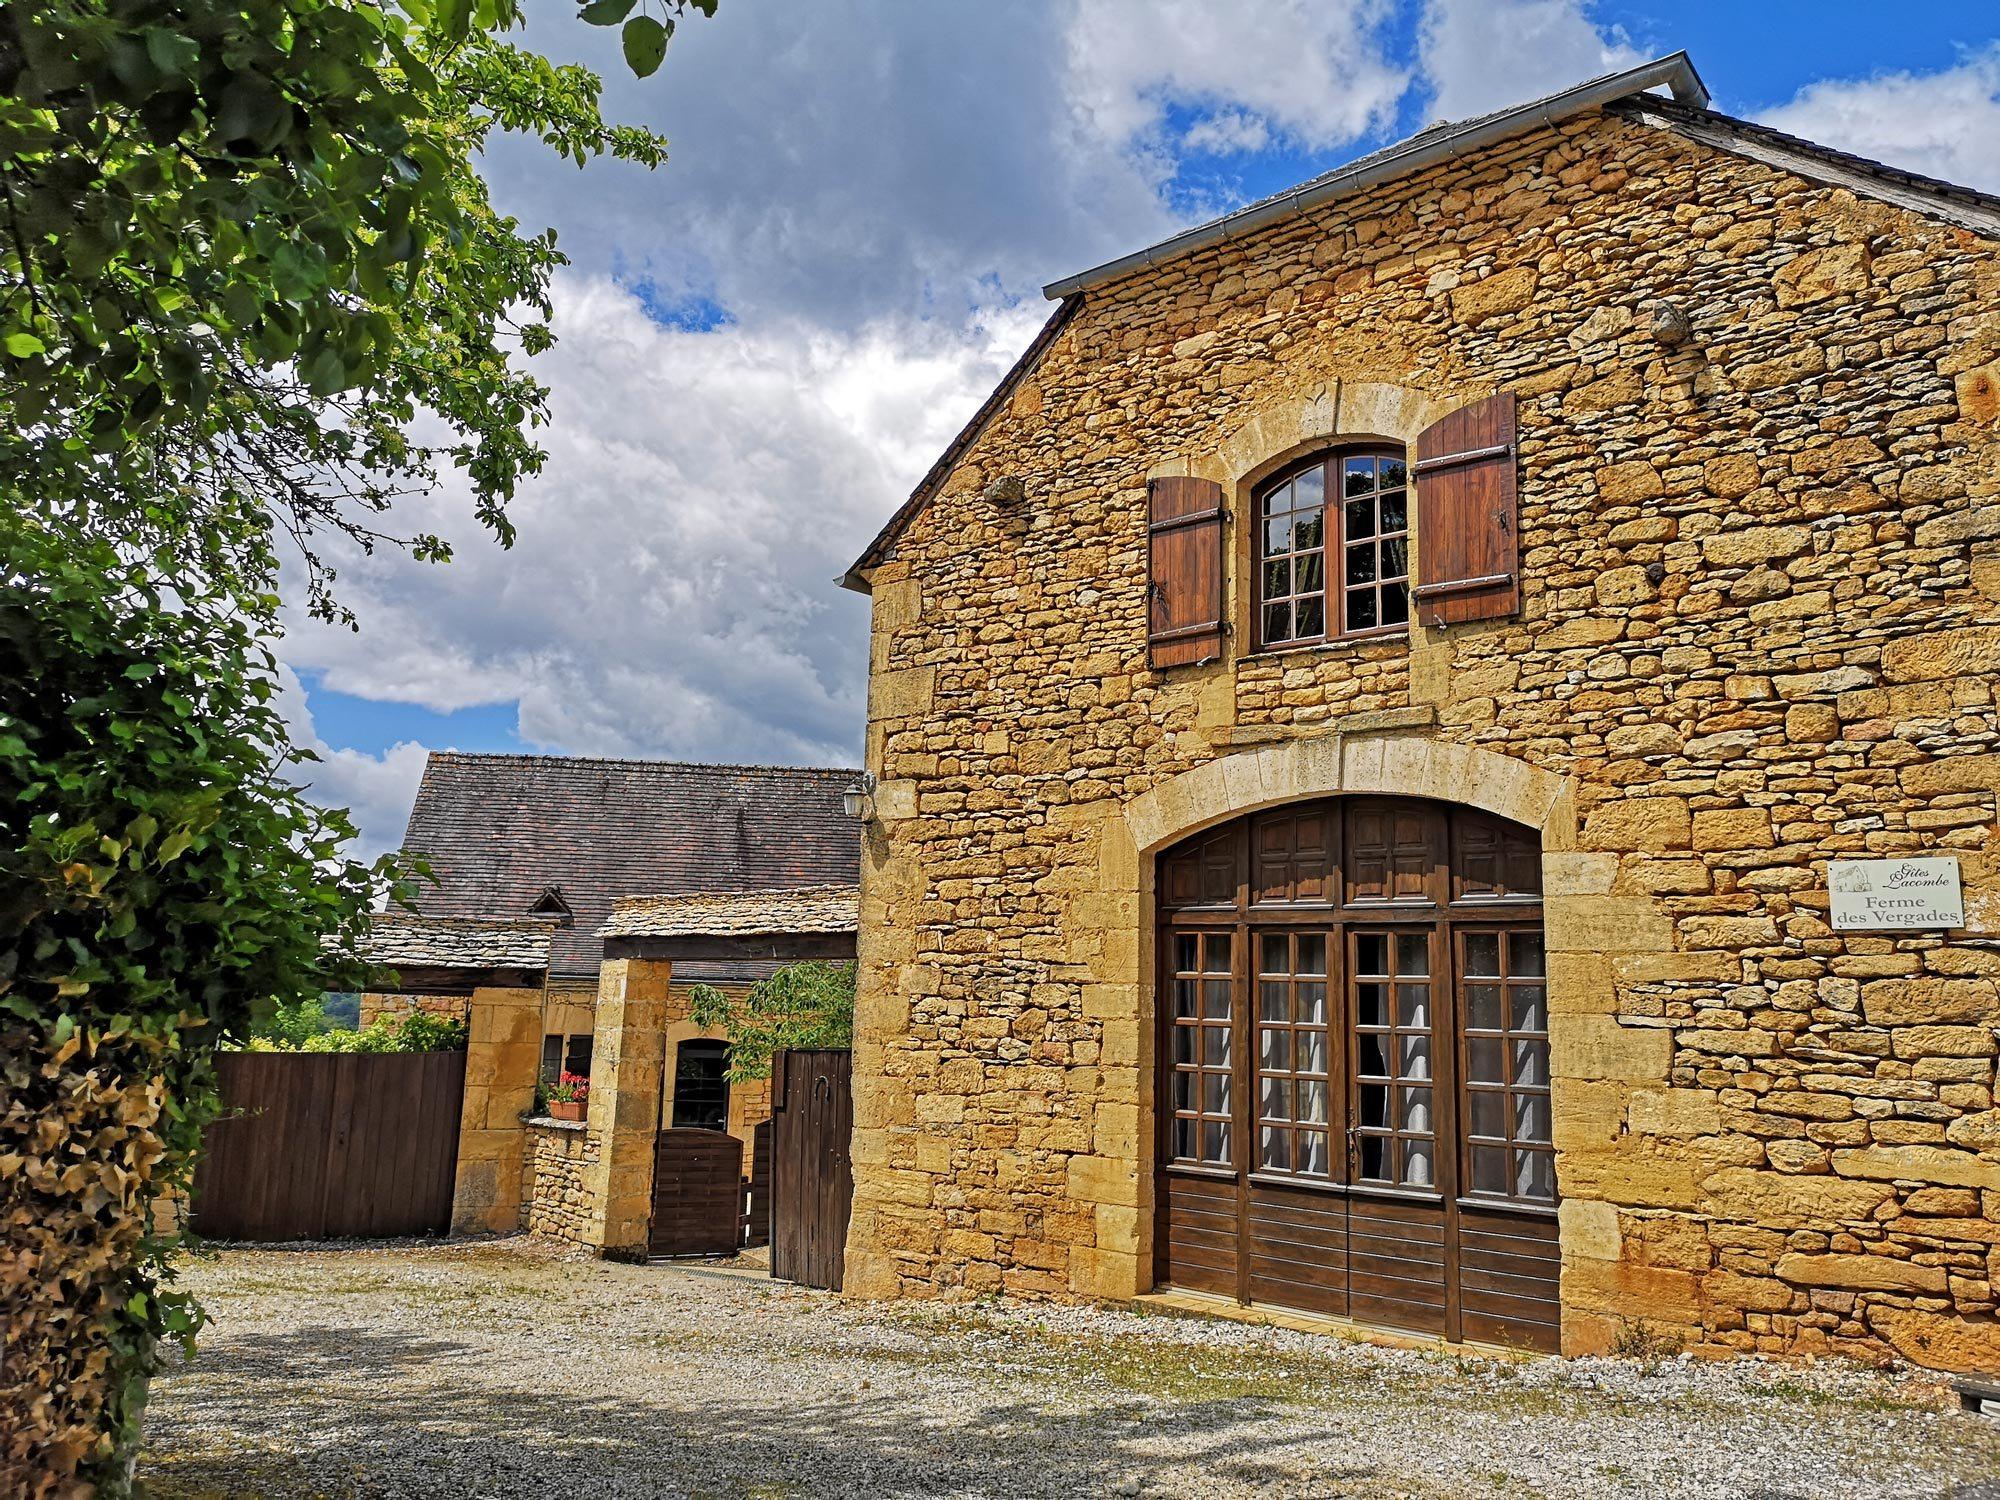 Demeure D Antan Périgueux une maison traditionnelle en périgord : c'est quoi ? - les